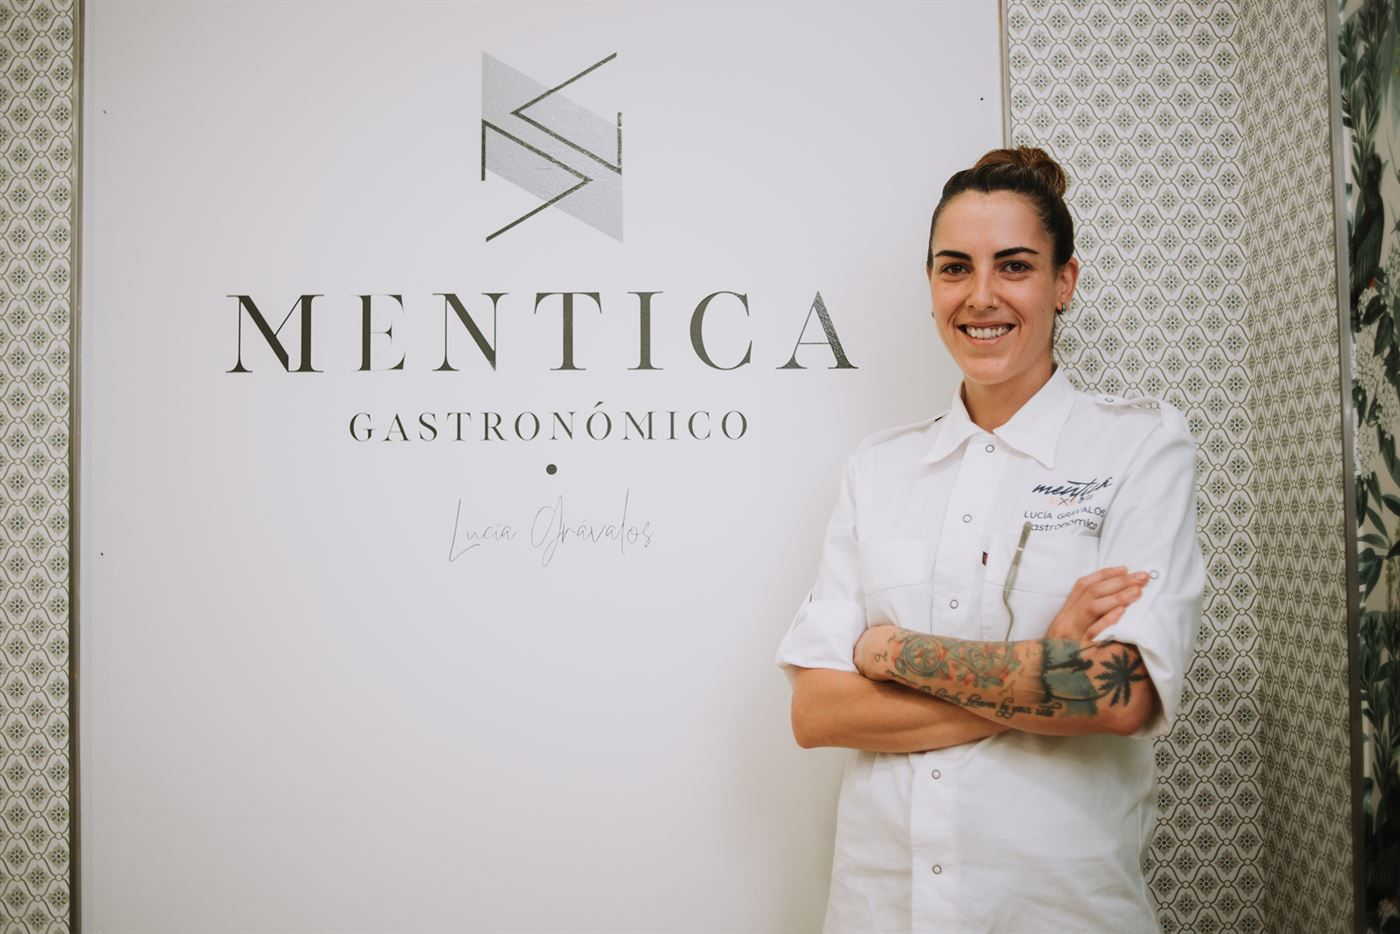 Lucía Grávalos lleva Mentica Gastronómico a su Calahorra natal